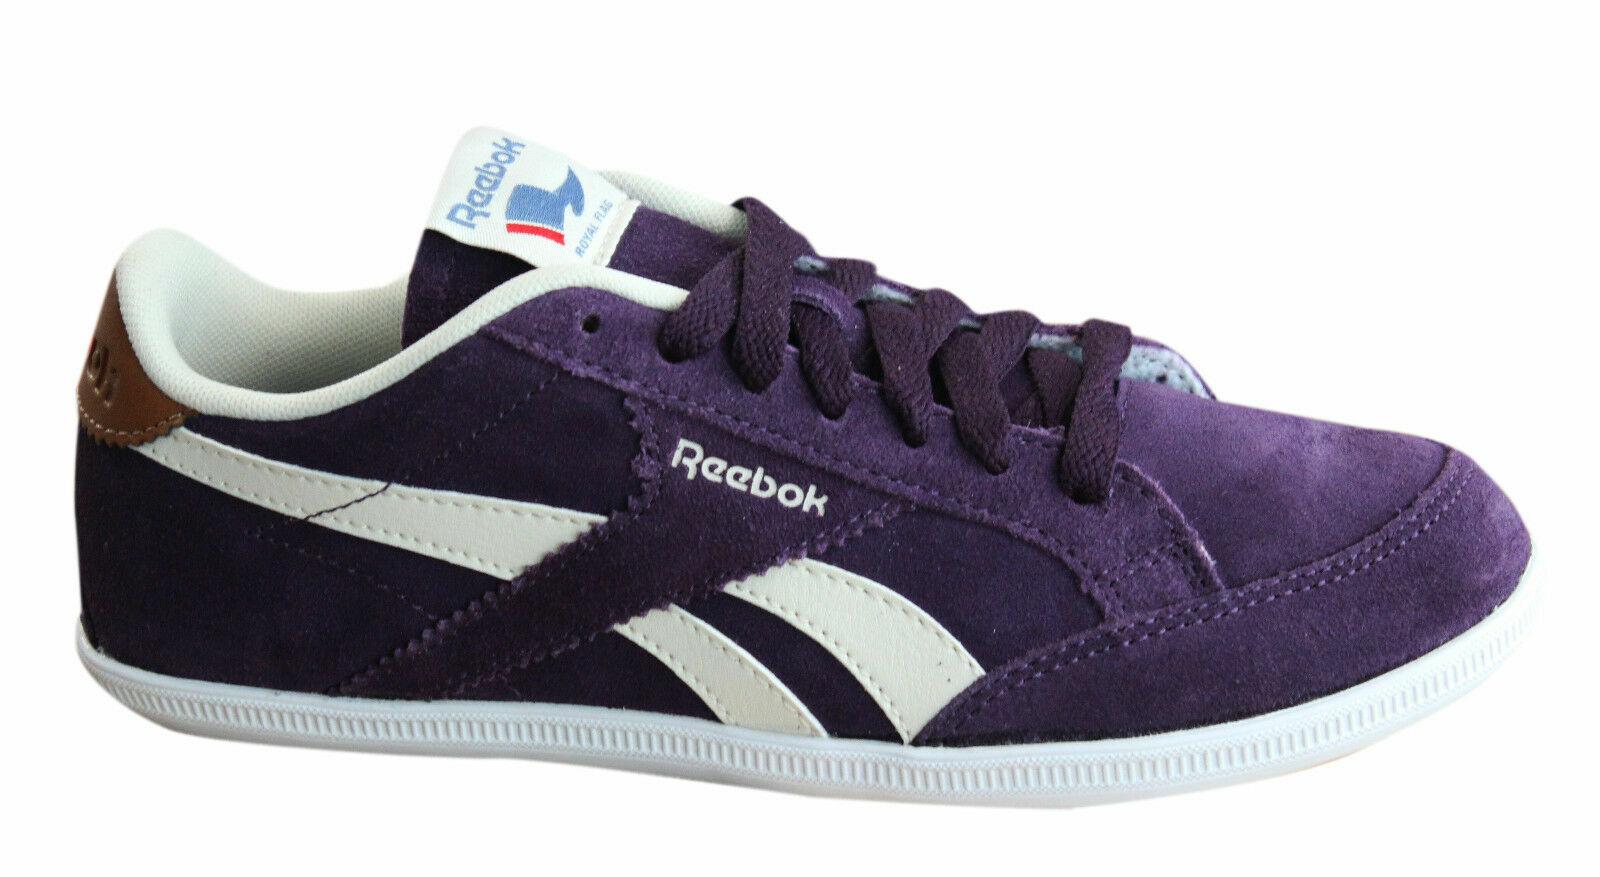 Reebok Classique Royale Transport Femmes Chaussures lacées Violet Formateurs